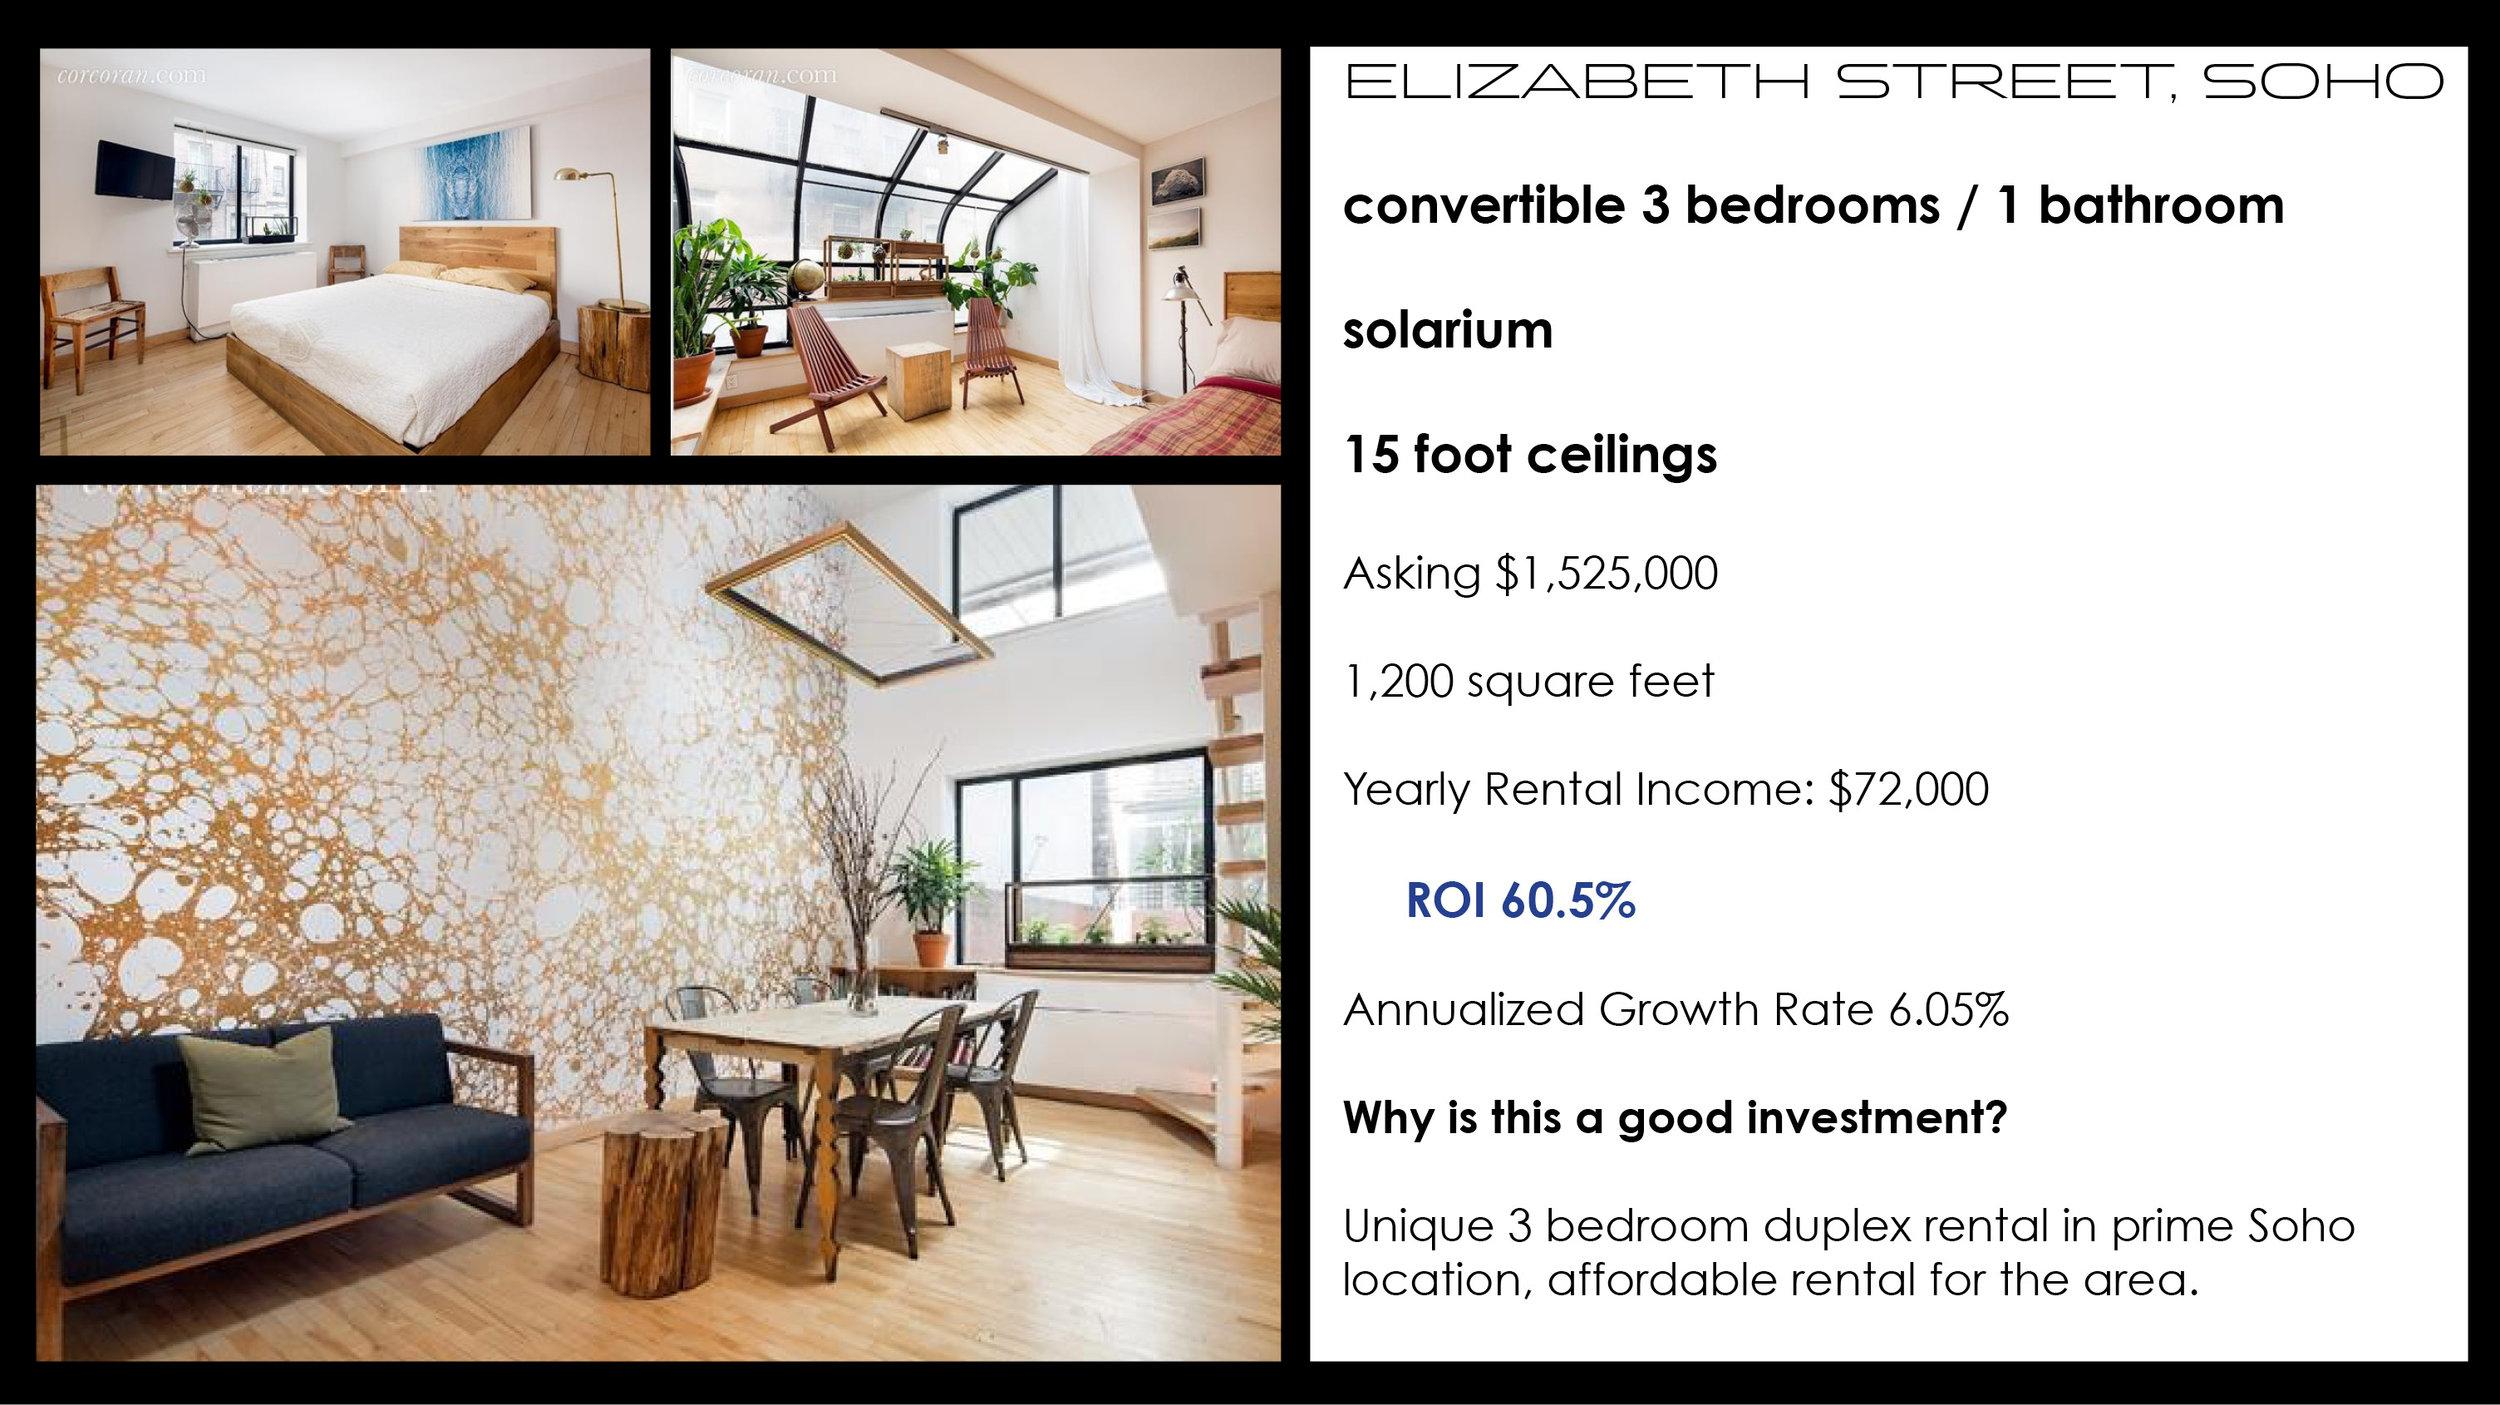 Investment Property Slides8.jpg